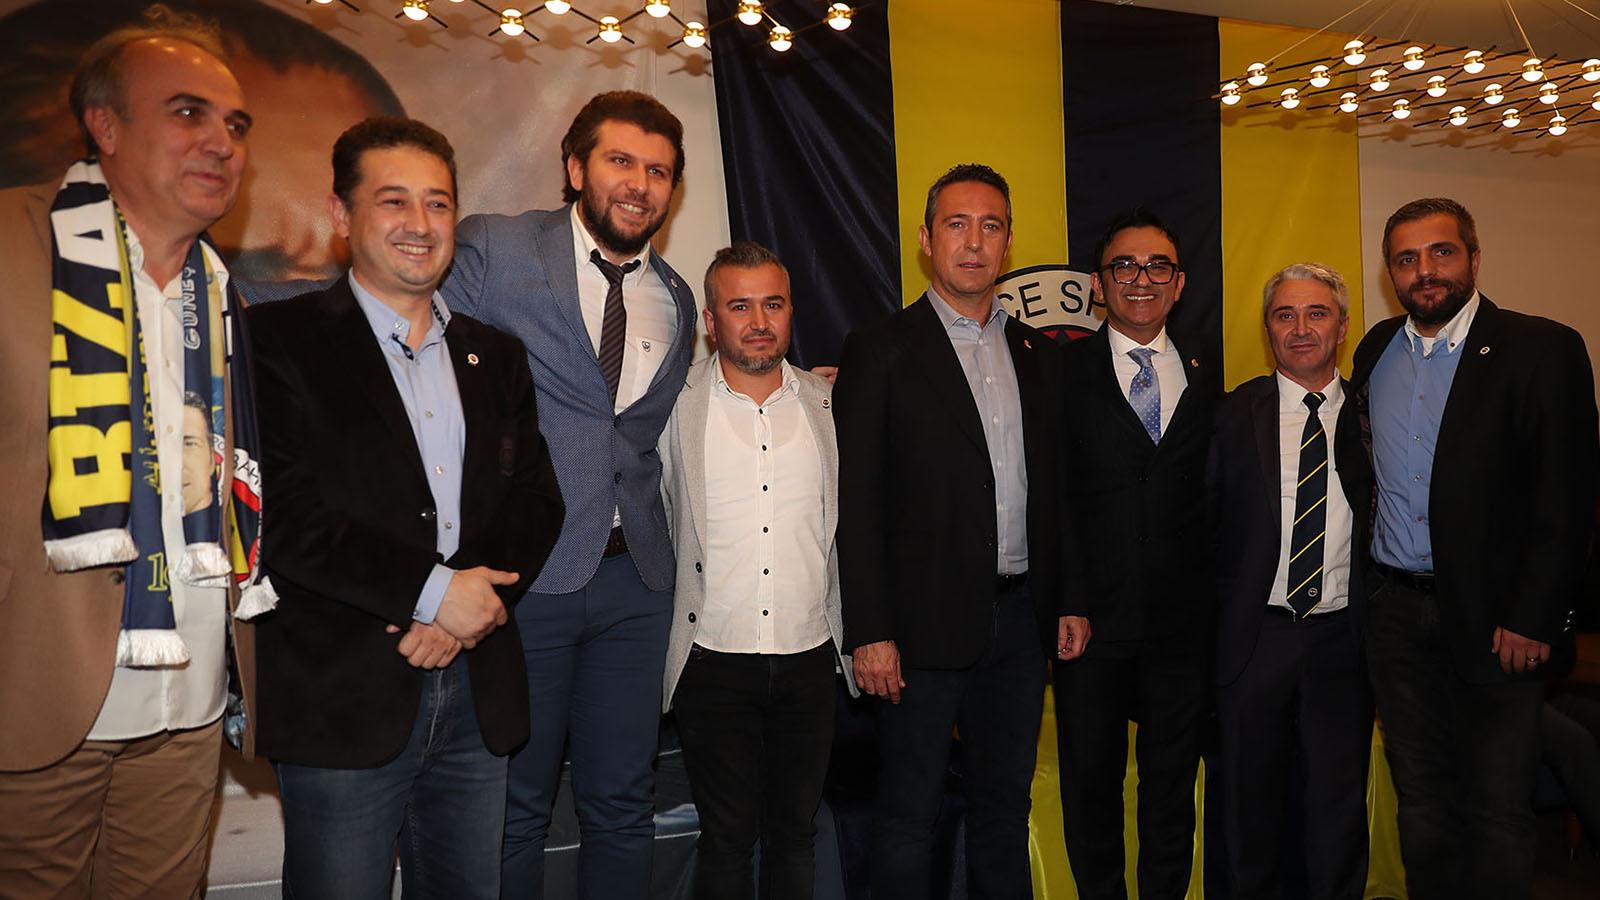 Başkanımız Ali Koç ve Yöneticilerimiz, İzmir'de kongre üyeliğine geçen taraftarlarımızla bir araya geldi